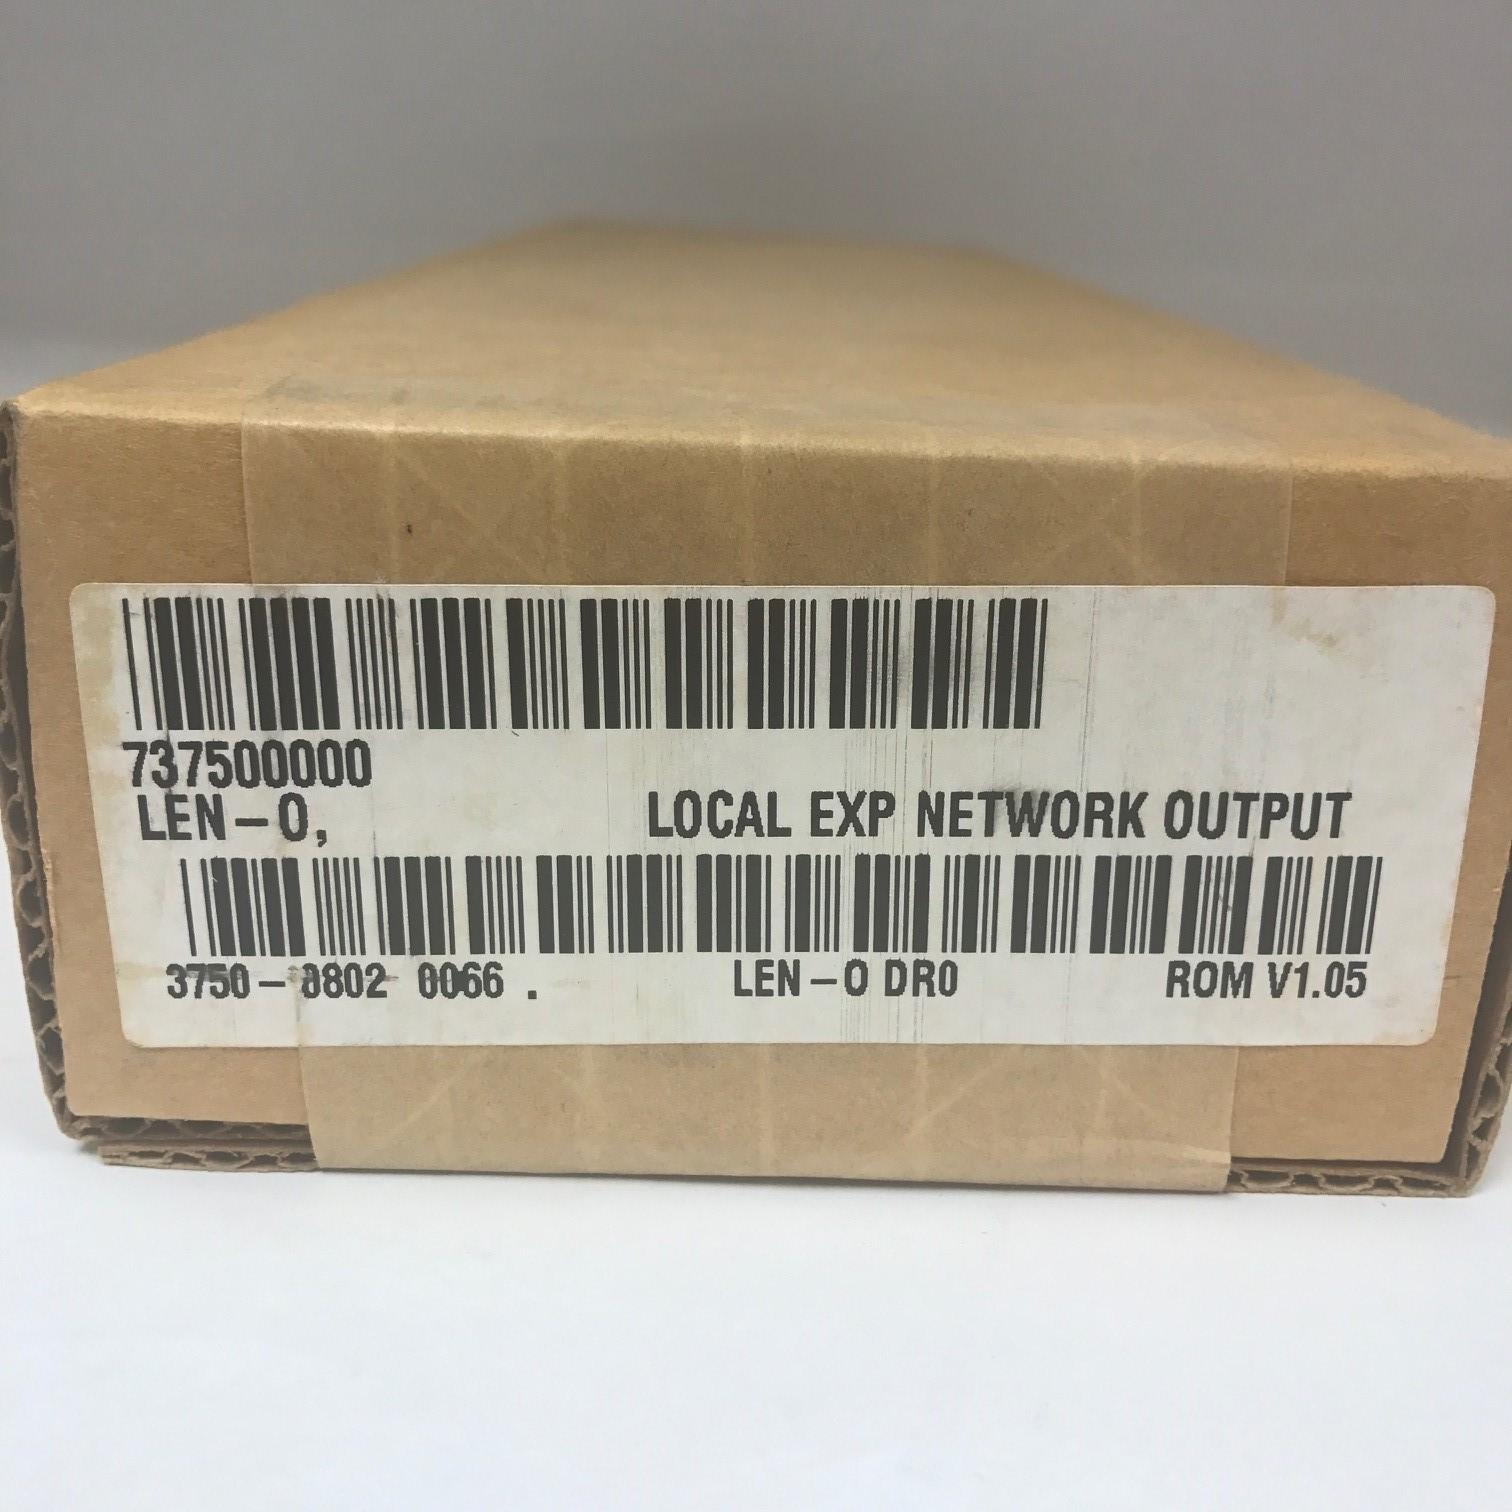 Novar 737500000 Local Exp Network Output